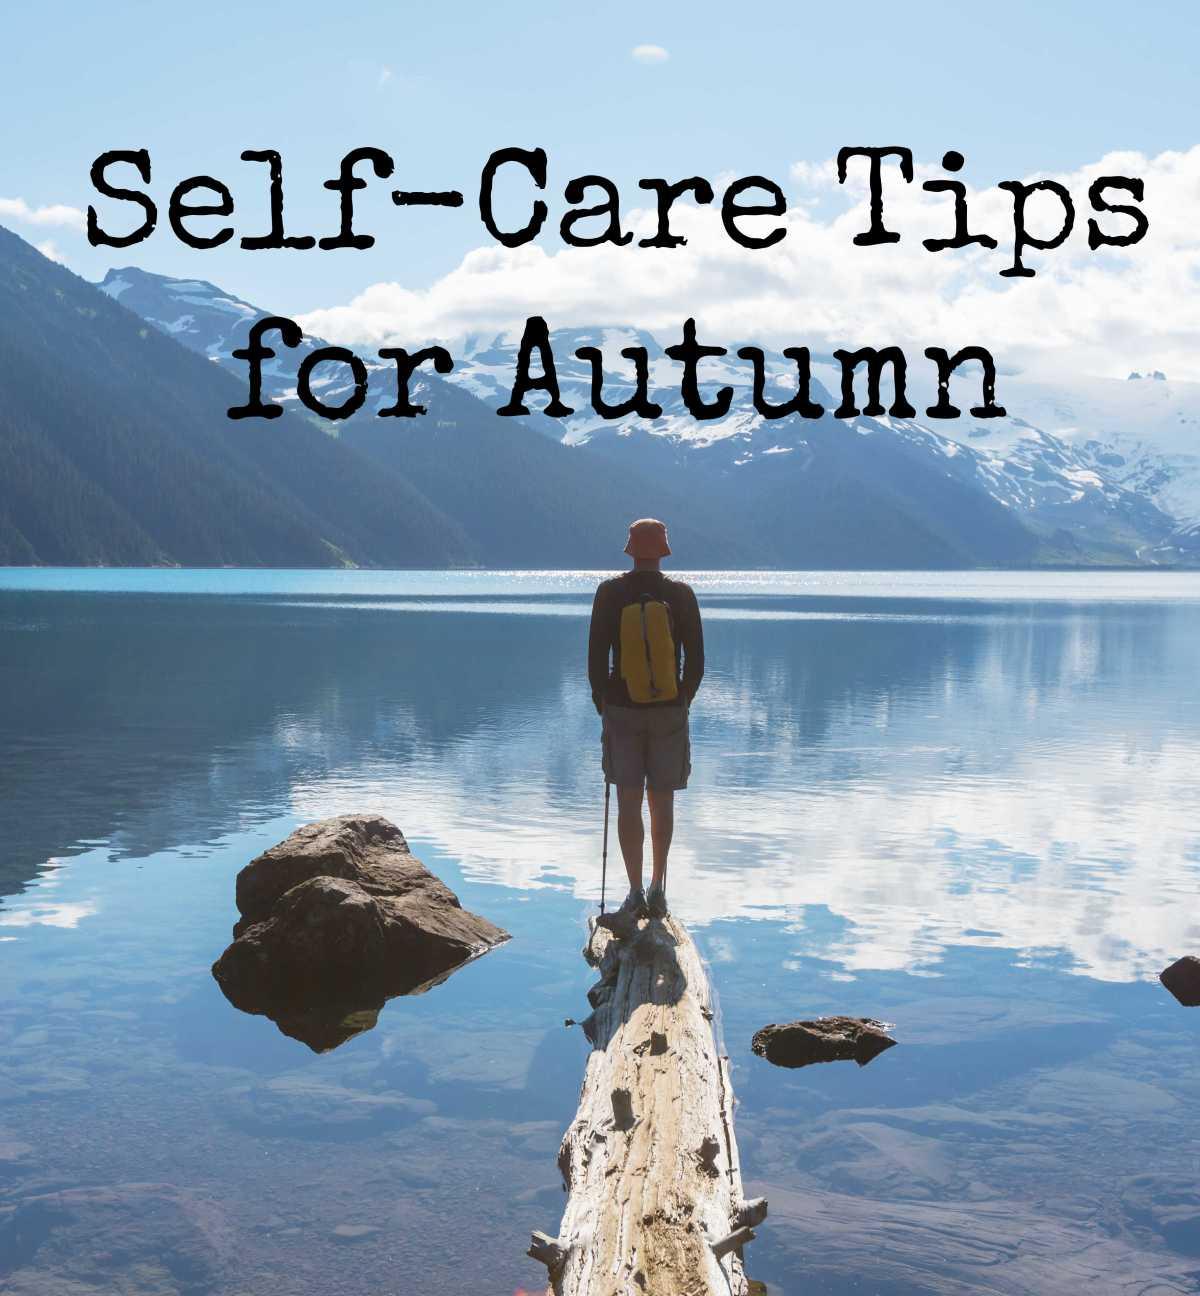 Self-Care Tips forAutumn